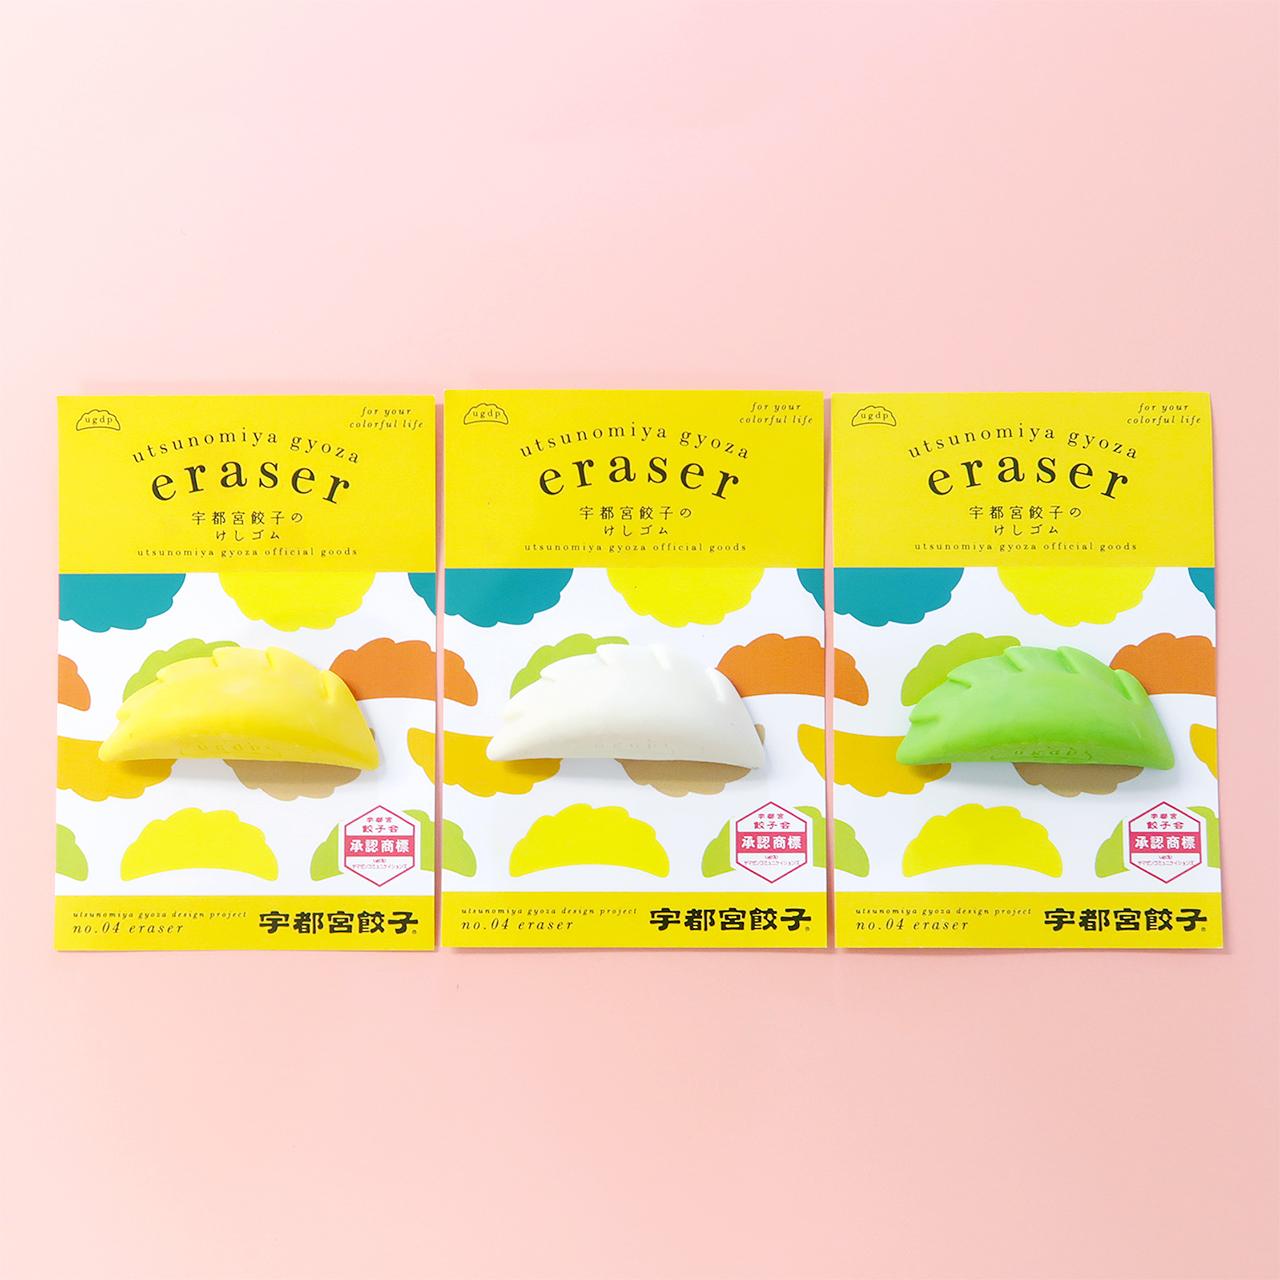 宇都宮餃子のけしゴム 3色セット【常温品】